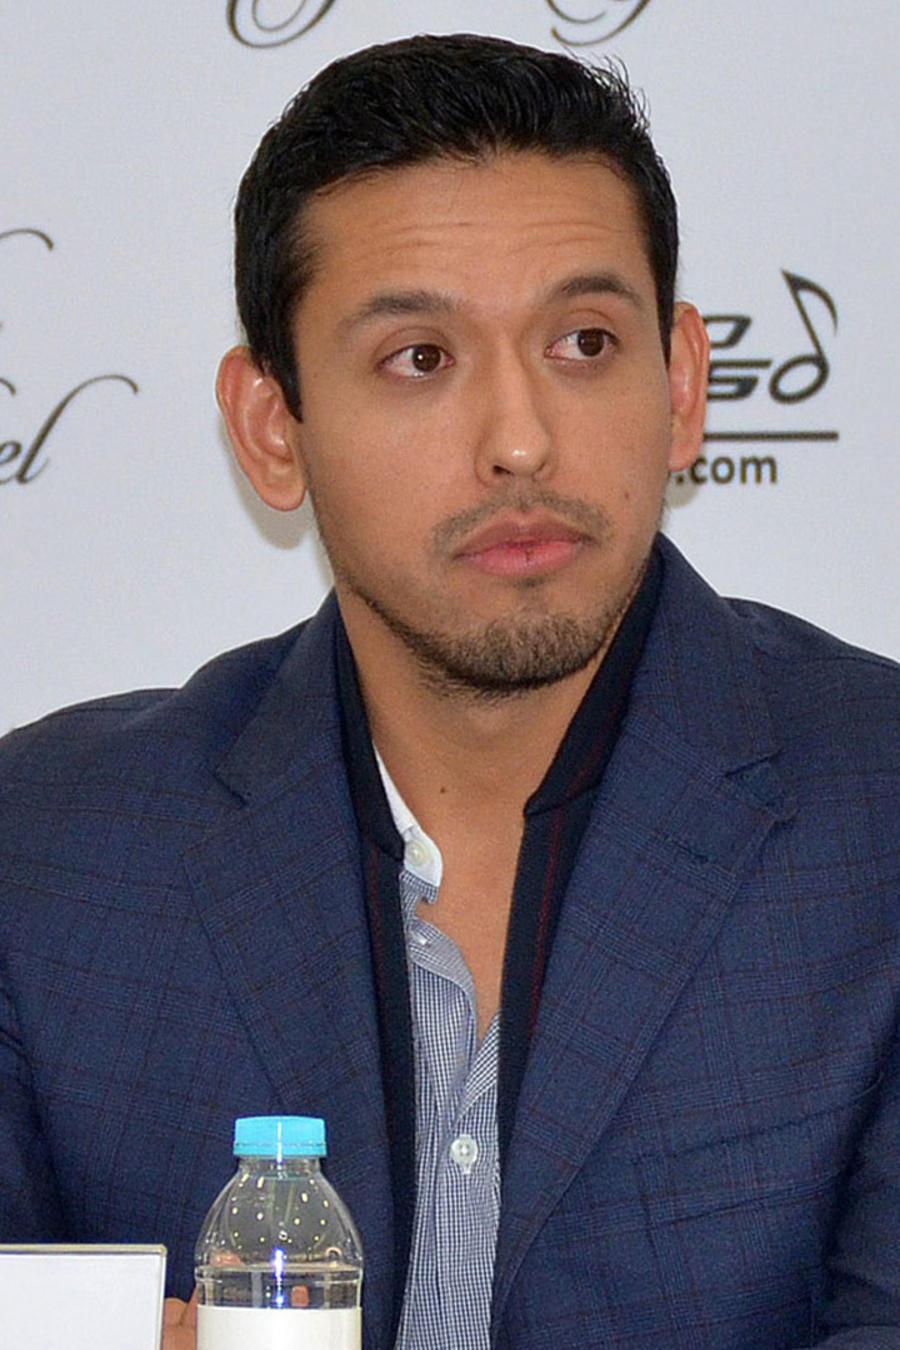 Iván Aguilera